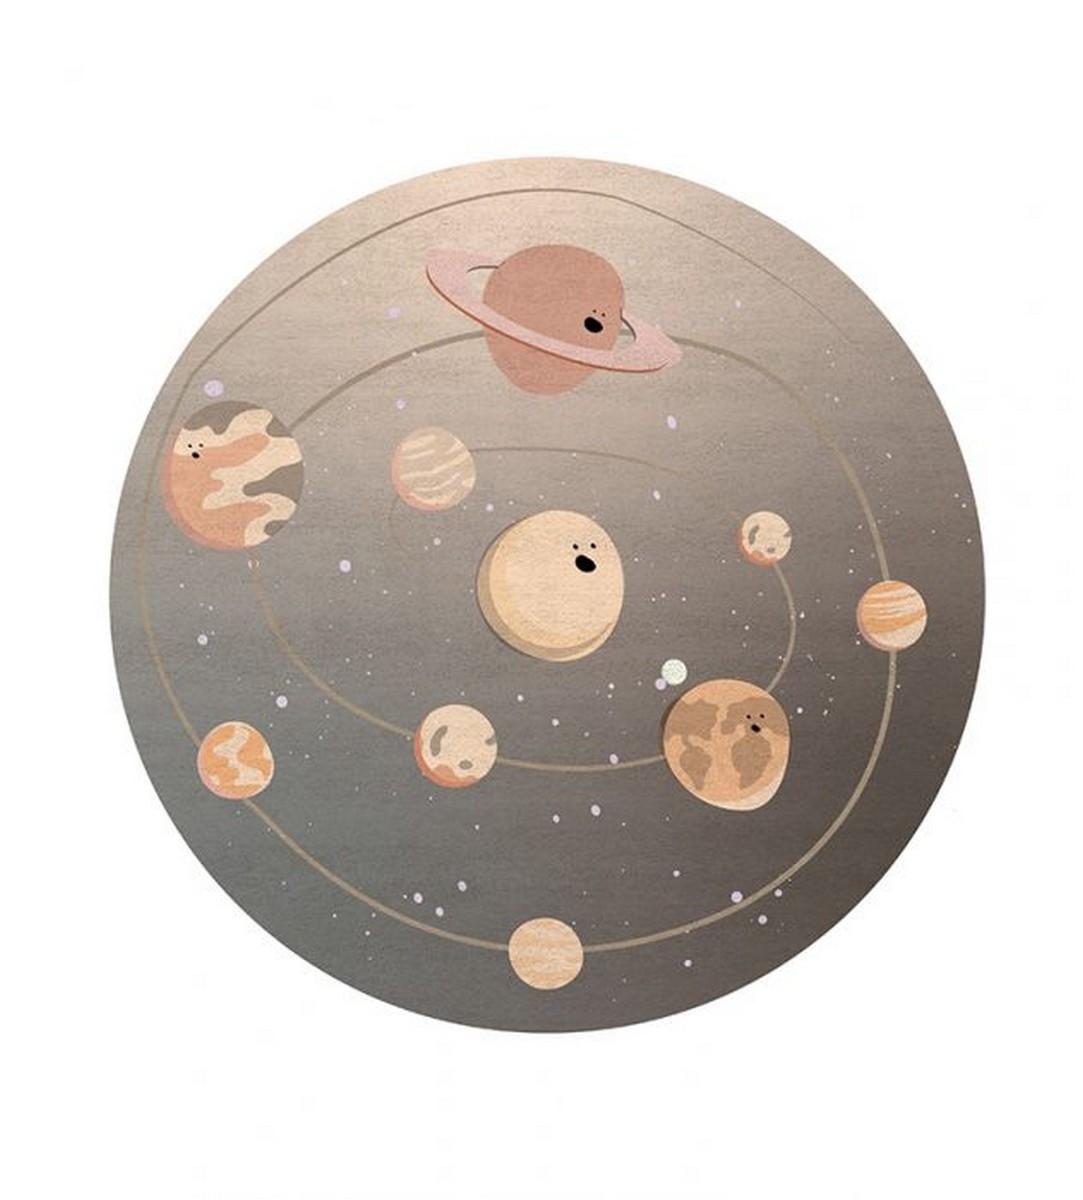 Diseño para niños: Nuevas Alfombras Mágicas por Circu diseño para niños Diseño para niños: Nuevas Alfombras Mágicas por Circu solar system rug circu magical furniture 1